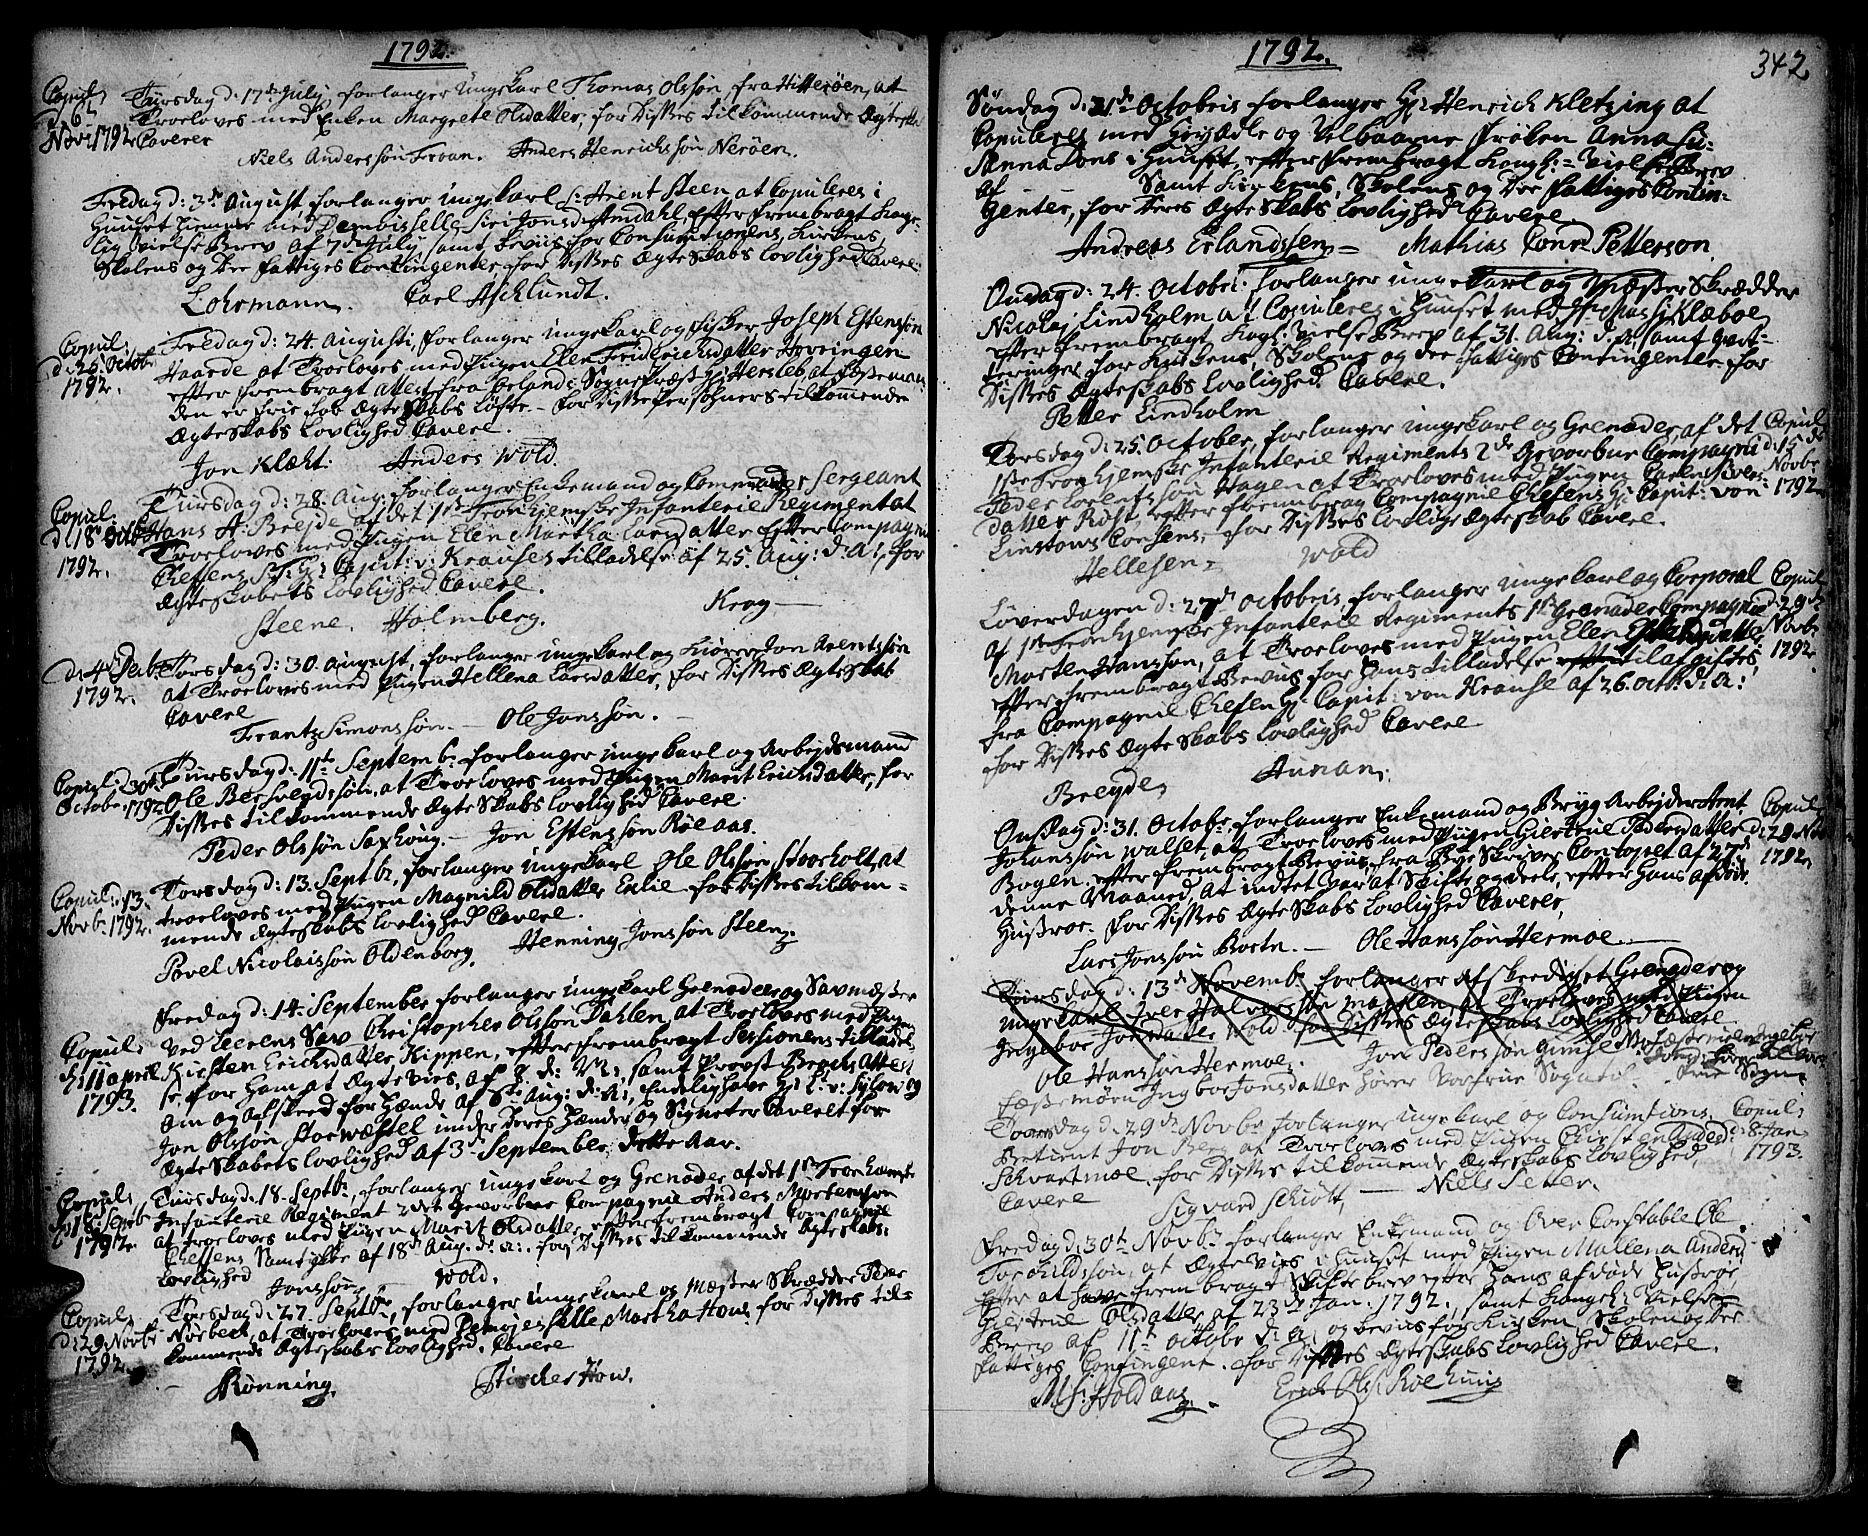 SAT, Ministerialprotokoller, klokkerbøker og fødselsregistre - Sør-Trøndelag, 601/L0038: Ministerialbok nr. 601A06, 1766-1877, s. 342